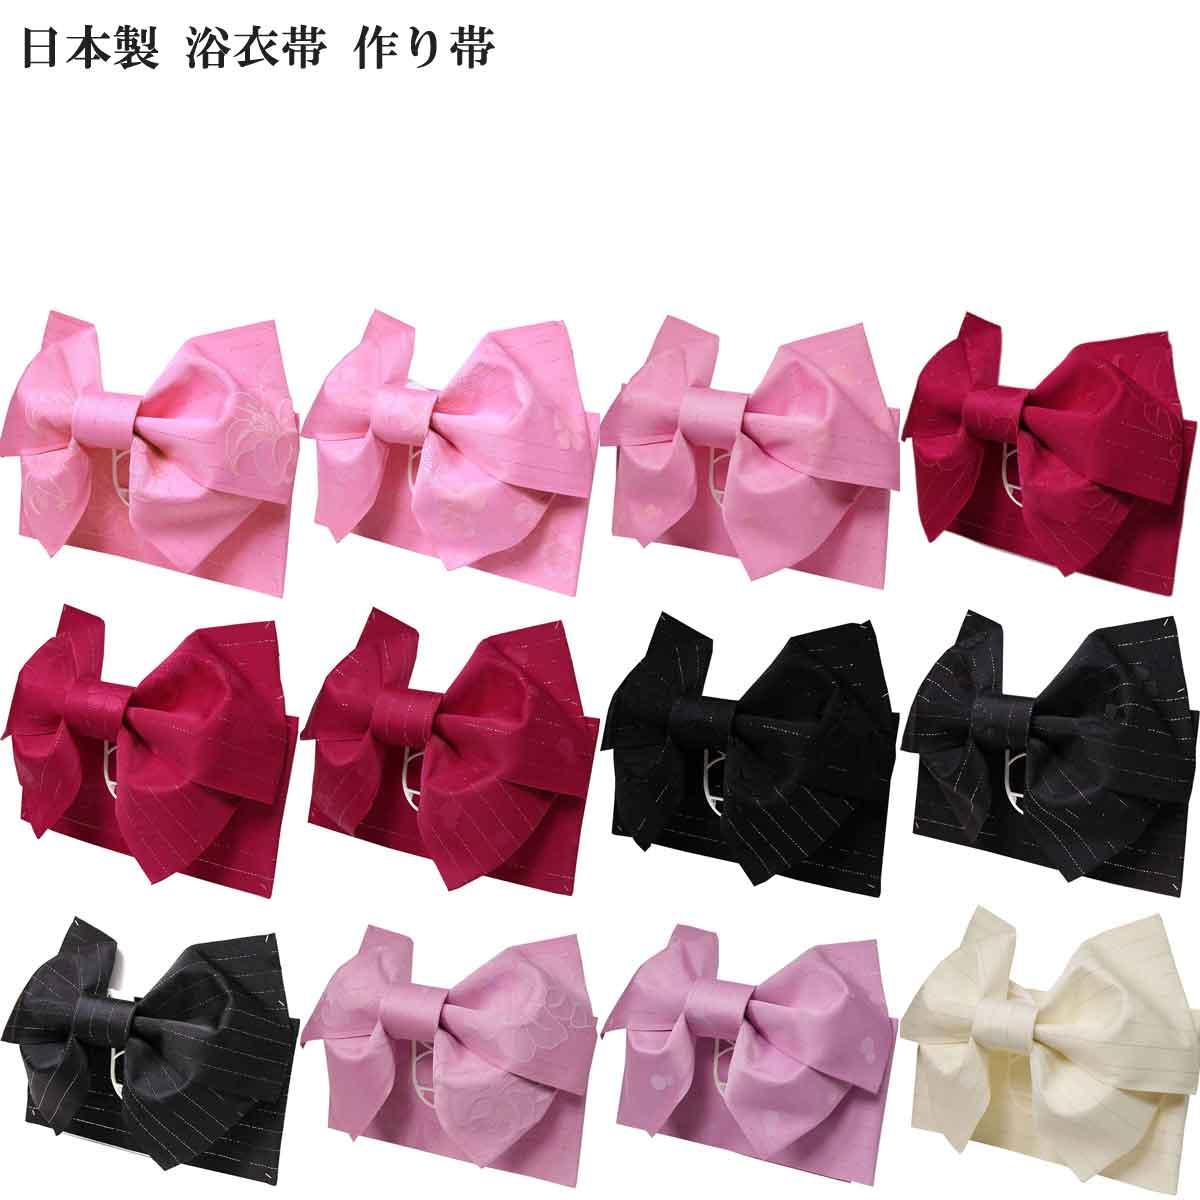 着物の帯を製造している京都西陣メーカーにて製造された日本製浴衣帯 至高 日本製 ラメ柄入り 浴衣 作り帯 浴衣帯 高い素材 結び帯 単衣